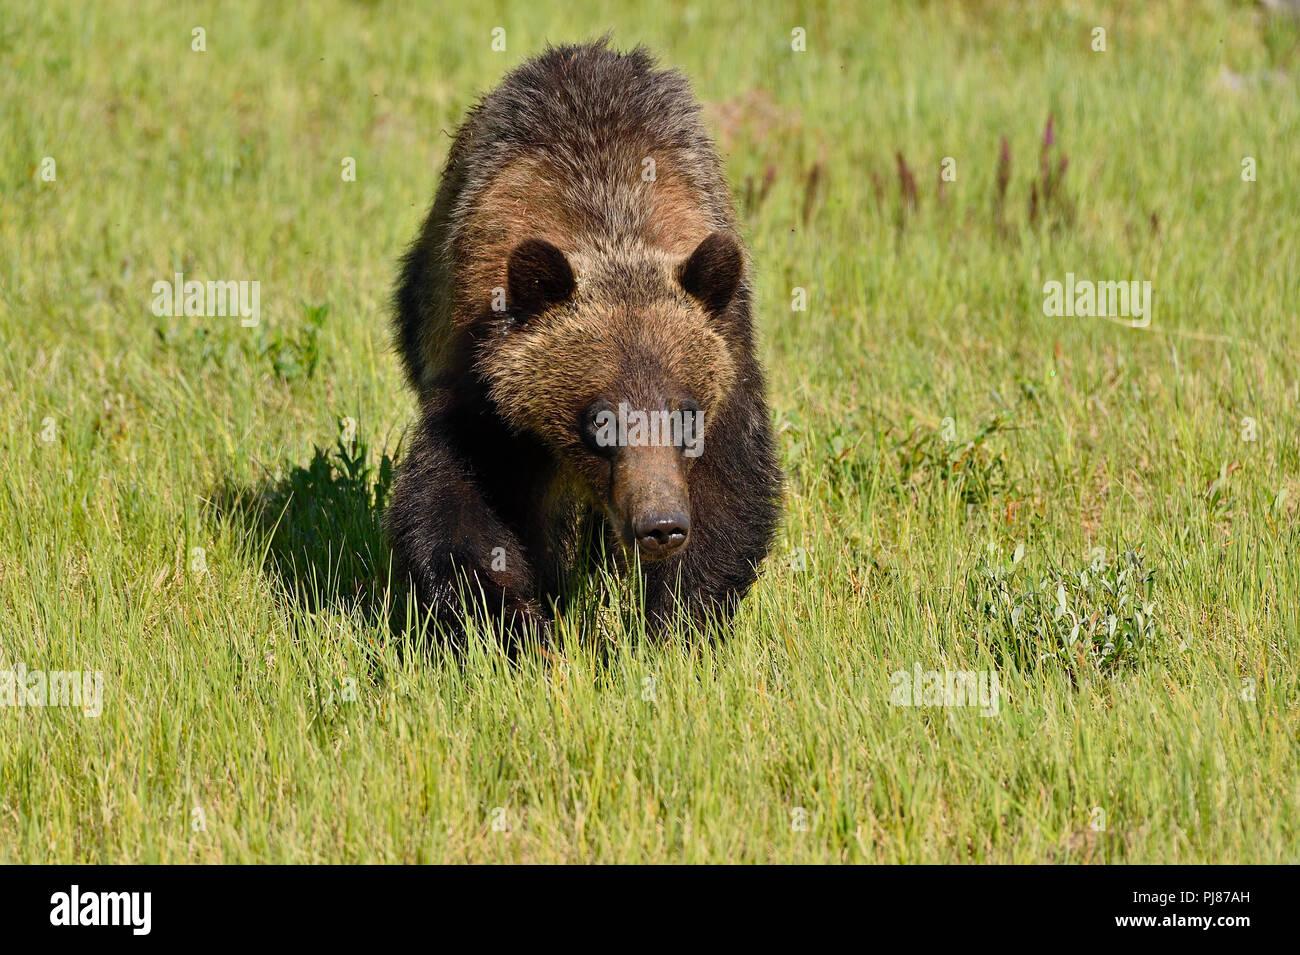 Una immagine di panorama di un giovane orso grizzly Ursus arctos; a camminare in avanti con la sua testa in basso attraverso il prato verde nelle zone rurali di Alberta in Canada. Immagini Stock